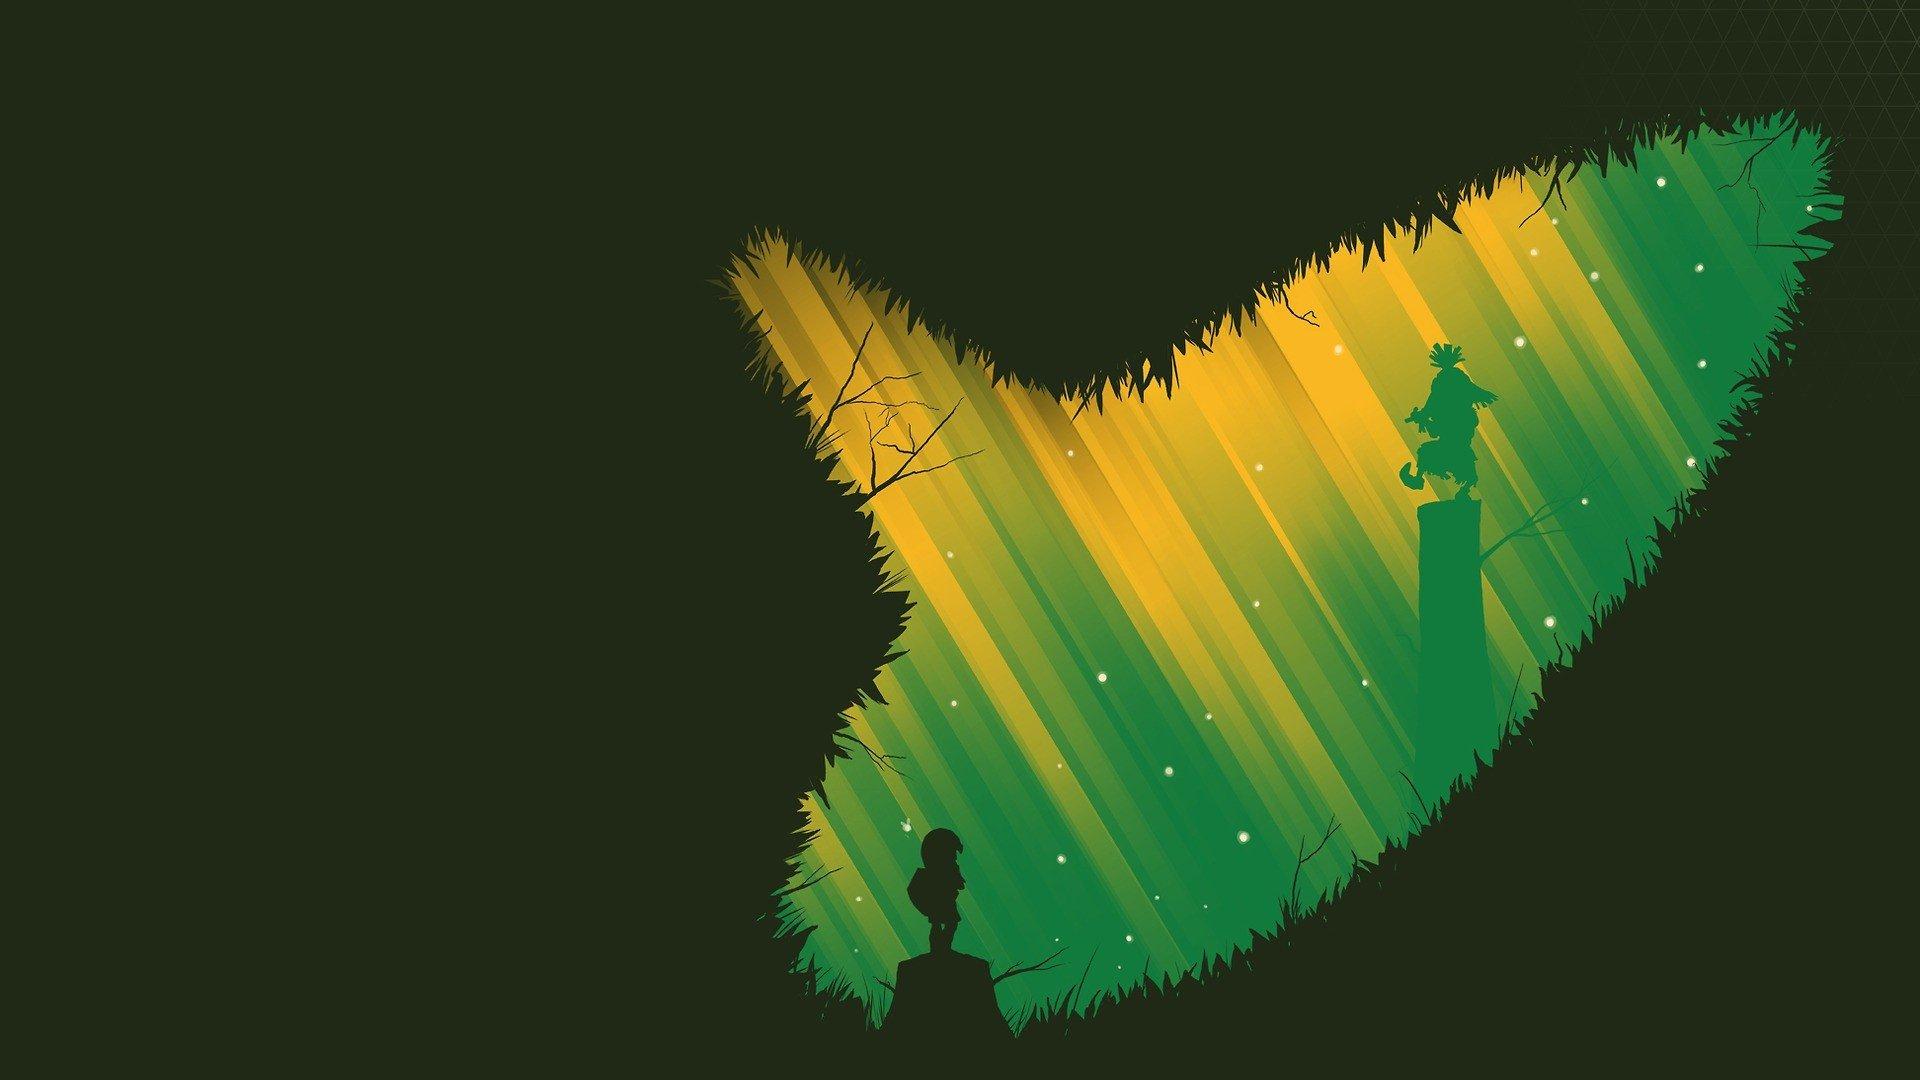 Wallpaper 1920x1080 Px Link Minimalism The Legend Of Zelda